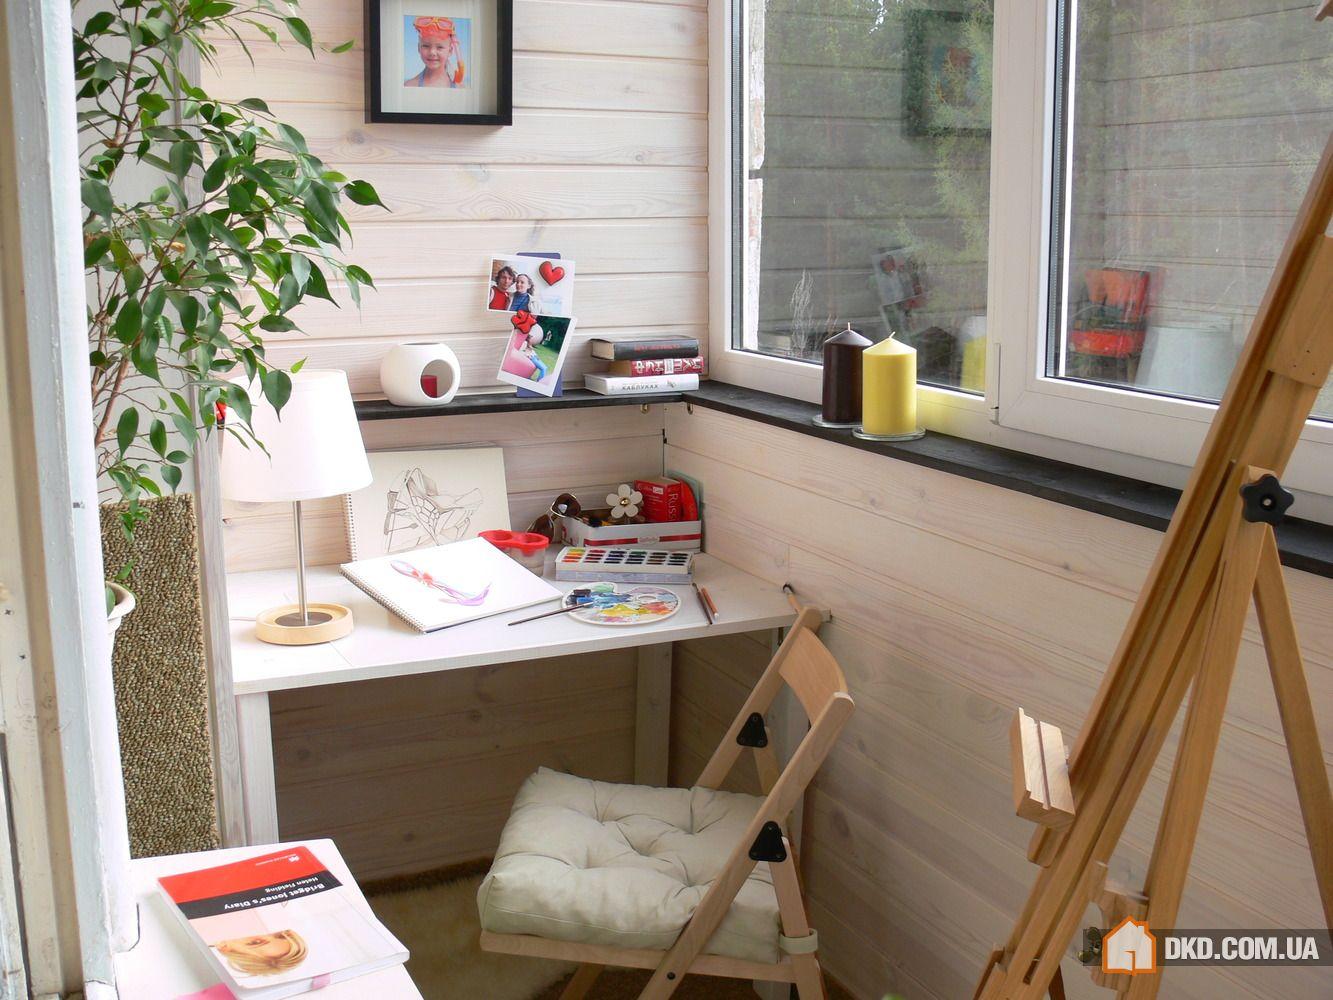 Балконы и лоджии: советы по обустройству от о.митрошиной.